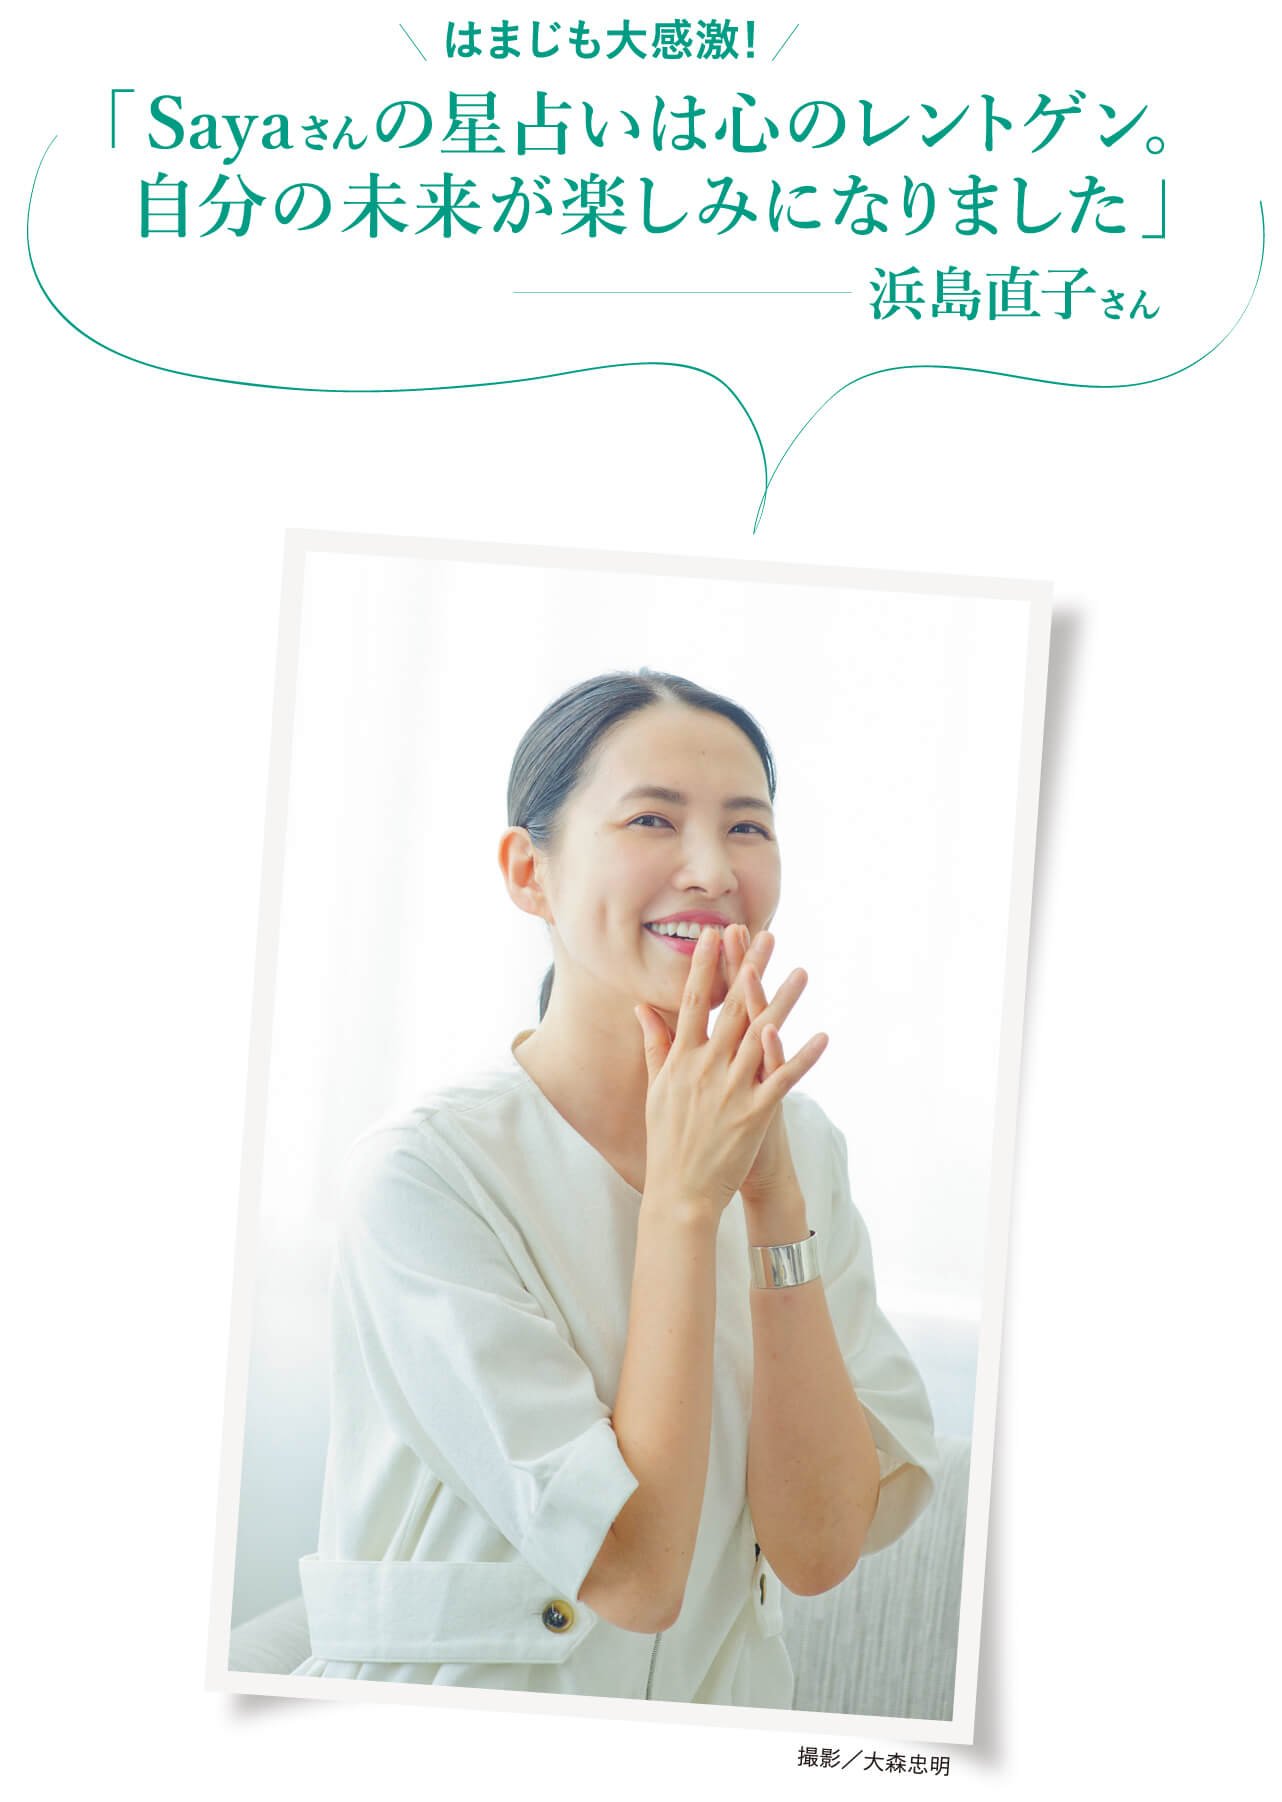 はまじも大感激!「Sayaさんの星占いは心のレントゲン。 自分の未来が楽しみになりました」 浜島直子さん